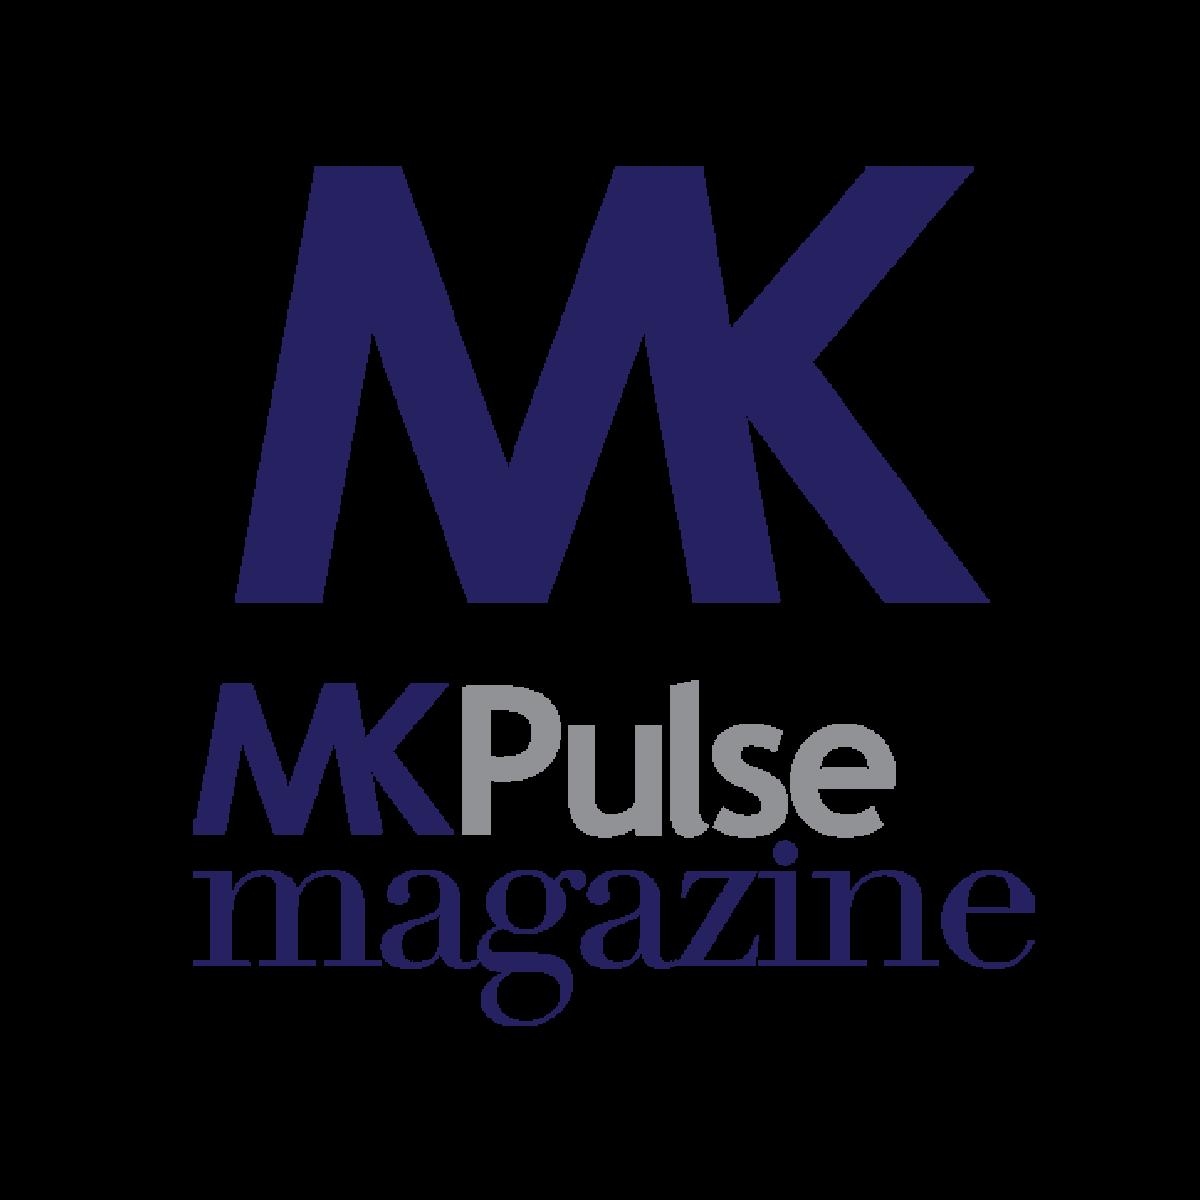 Mk Pulse